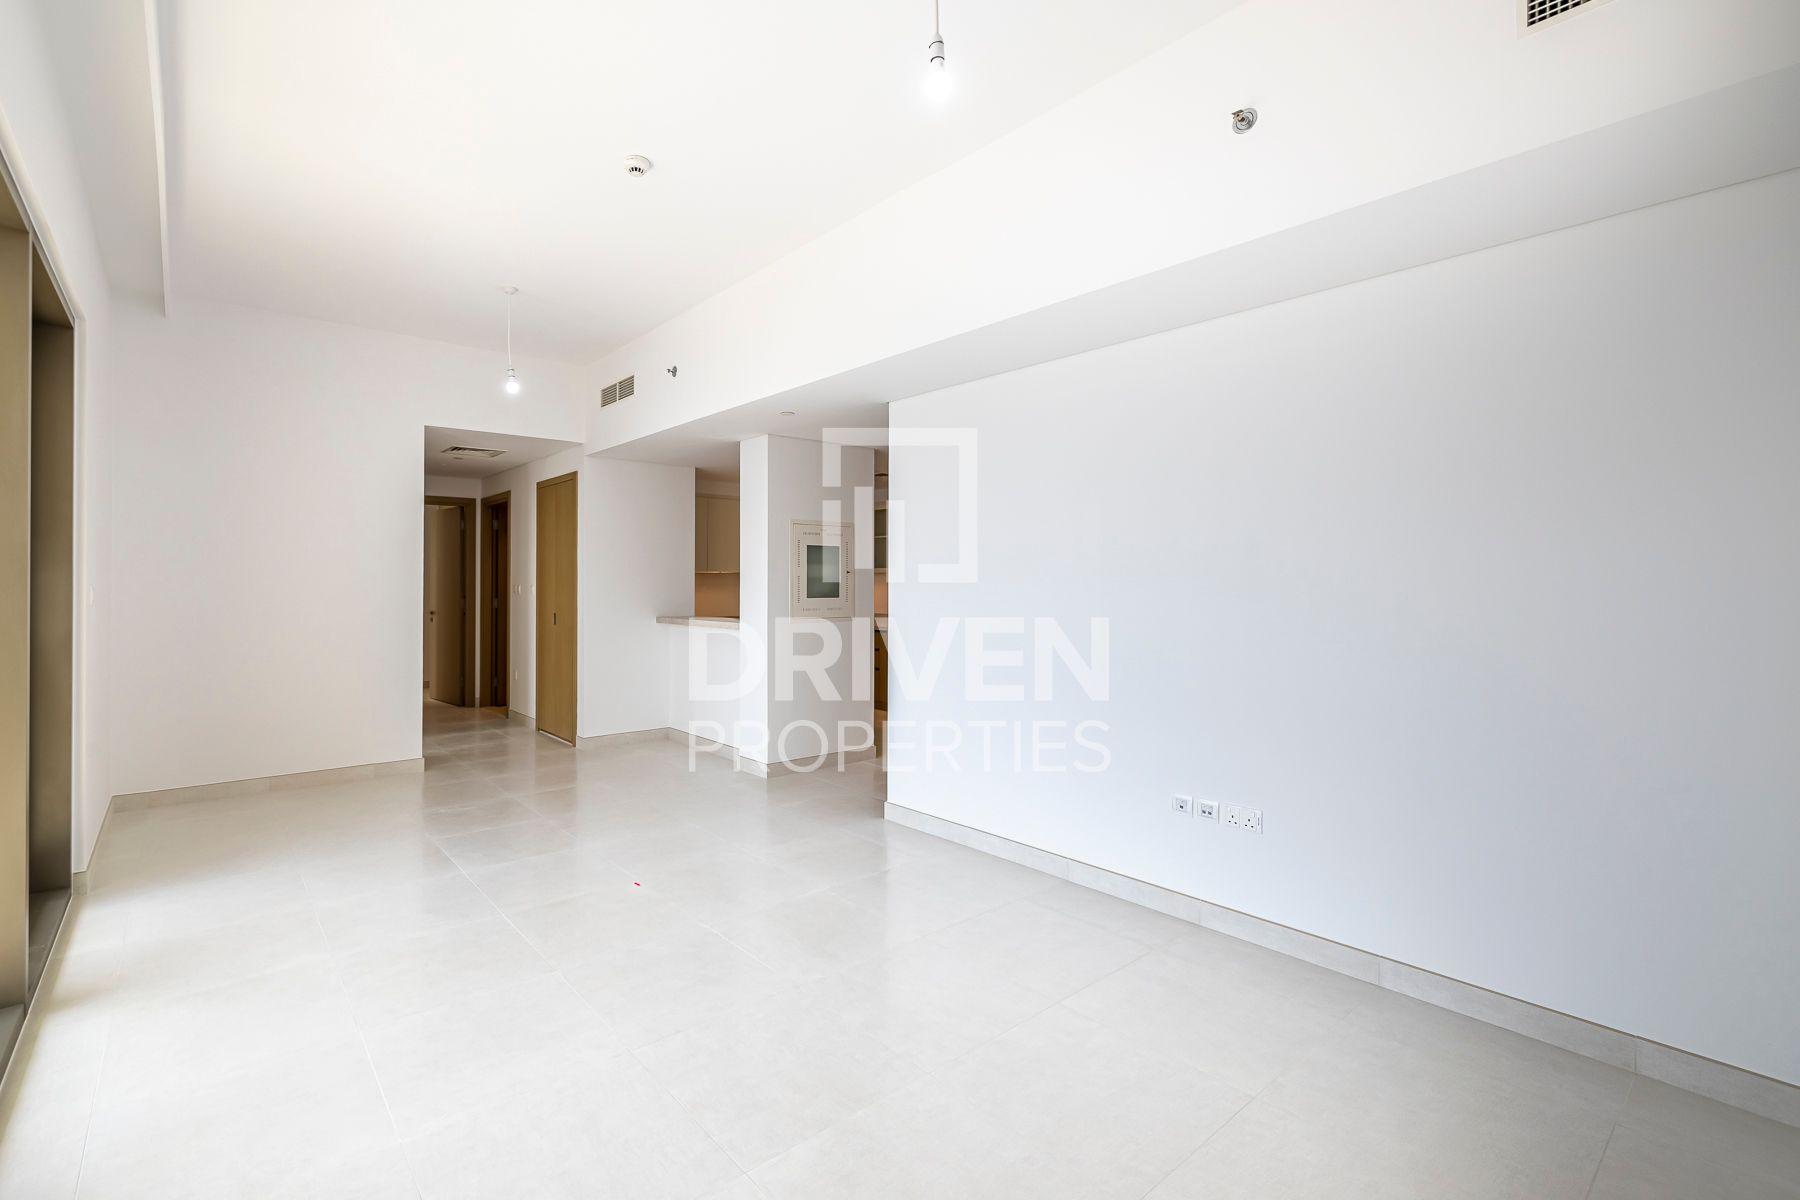 1,133 قدم مربع  شقة - للبيع - ميناء خور دبي